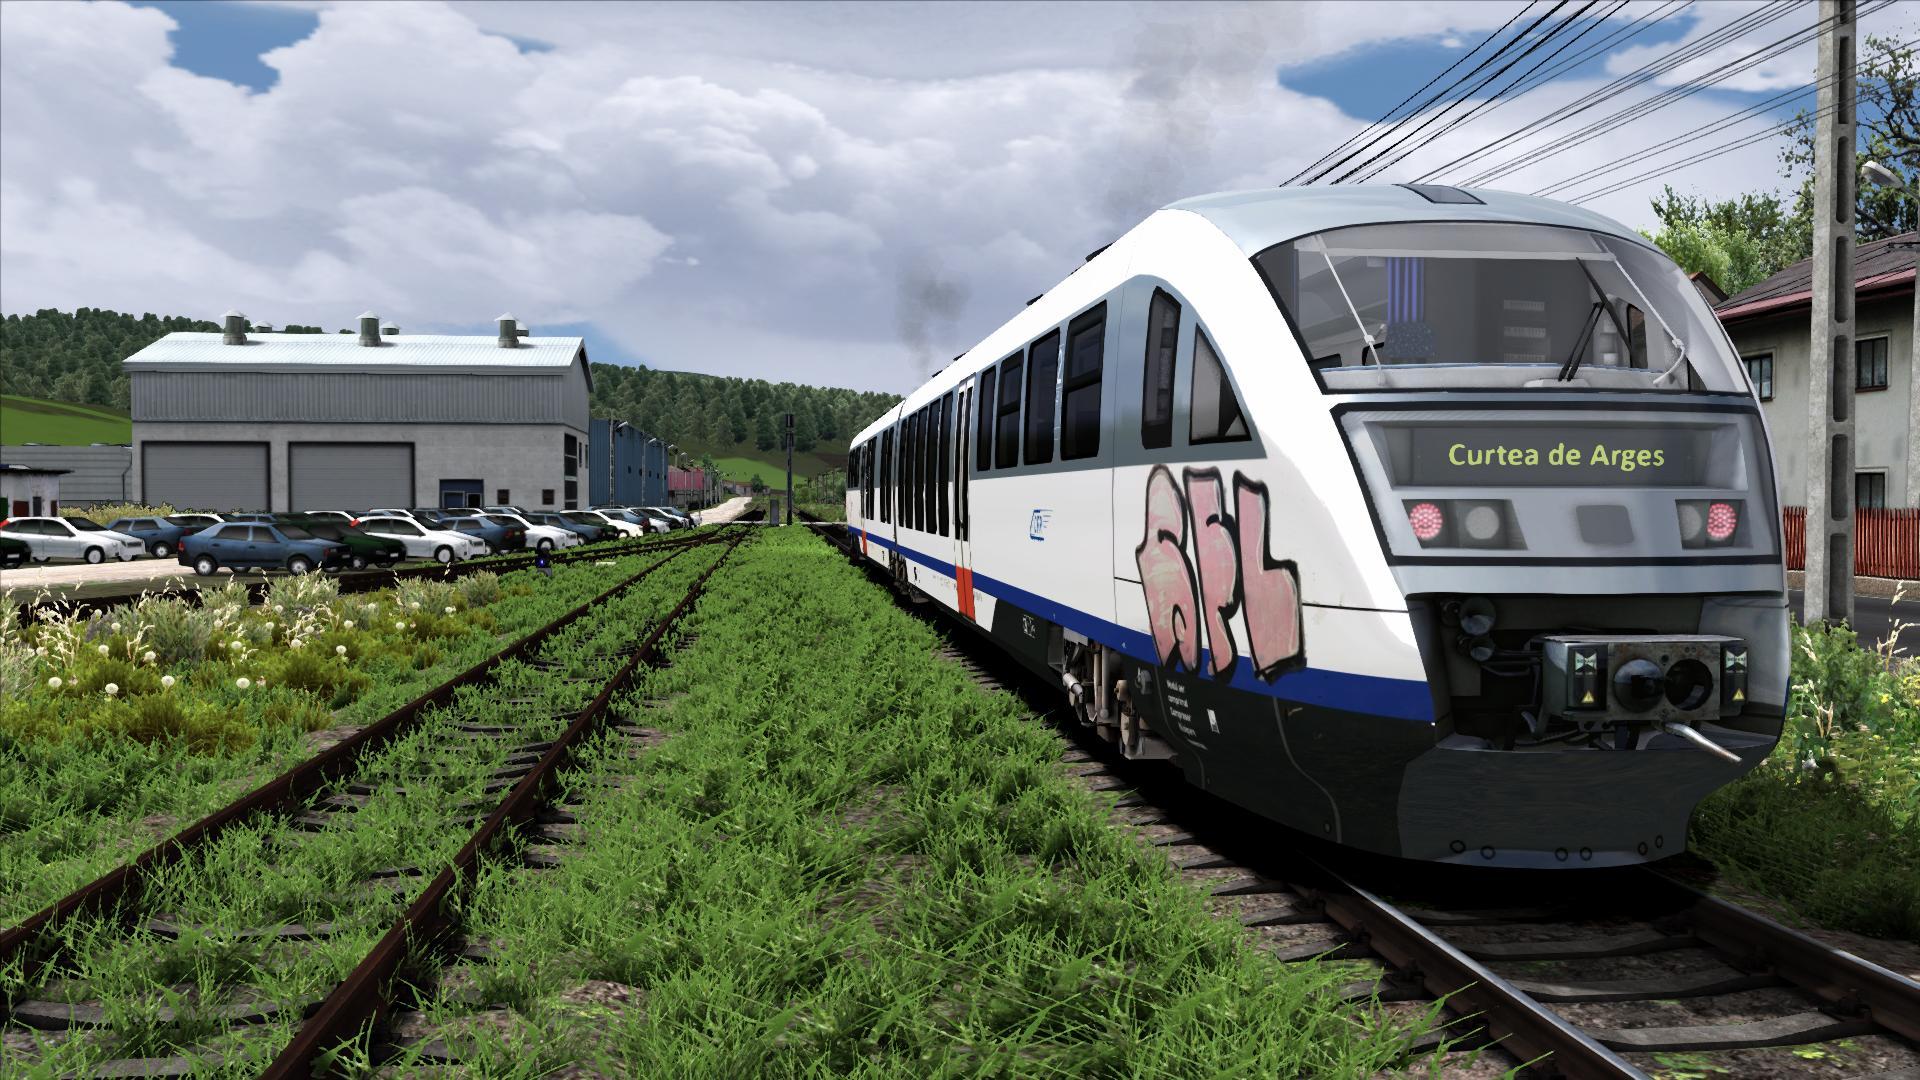 Railworks64 2020-06-20 02-56-10-25